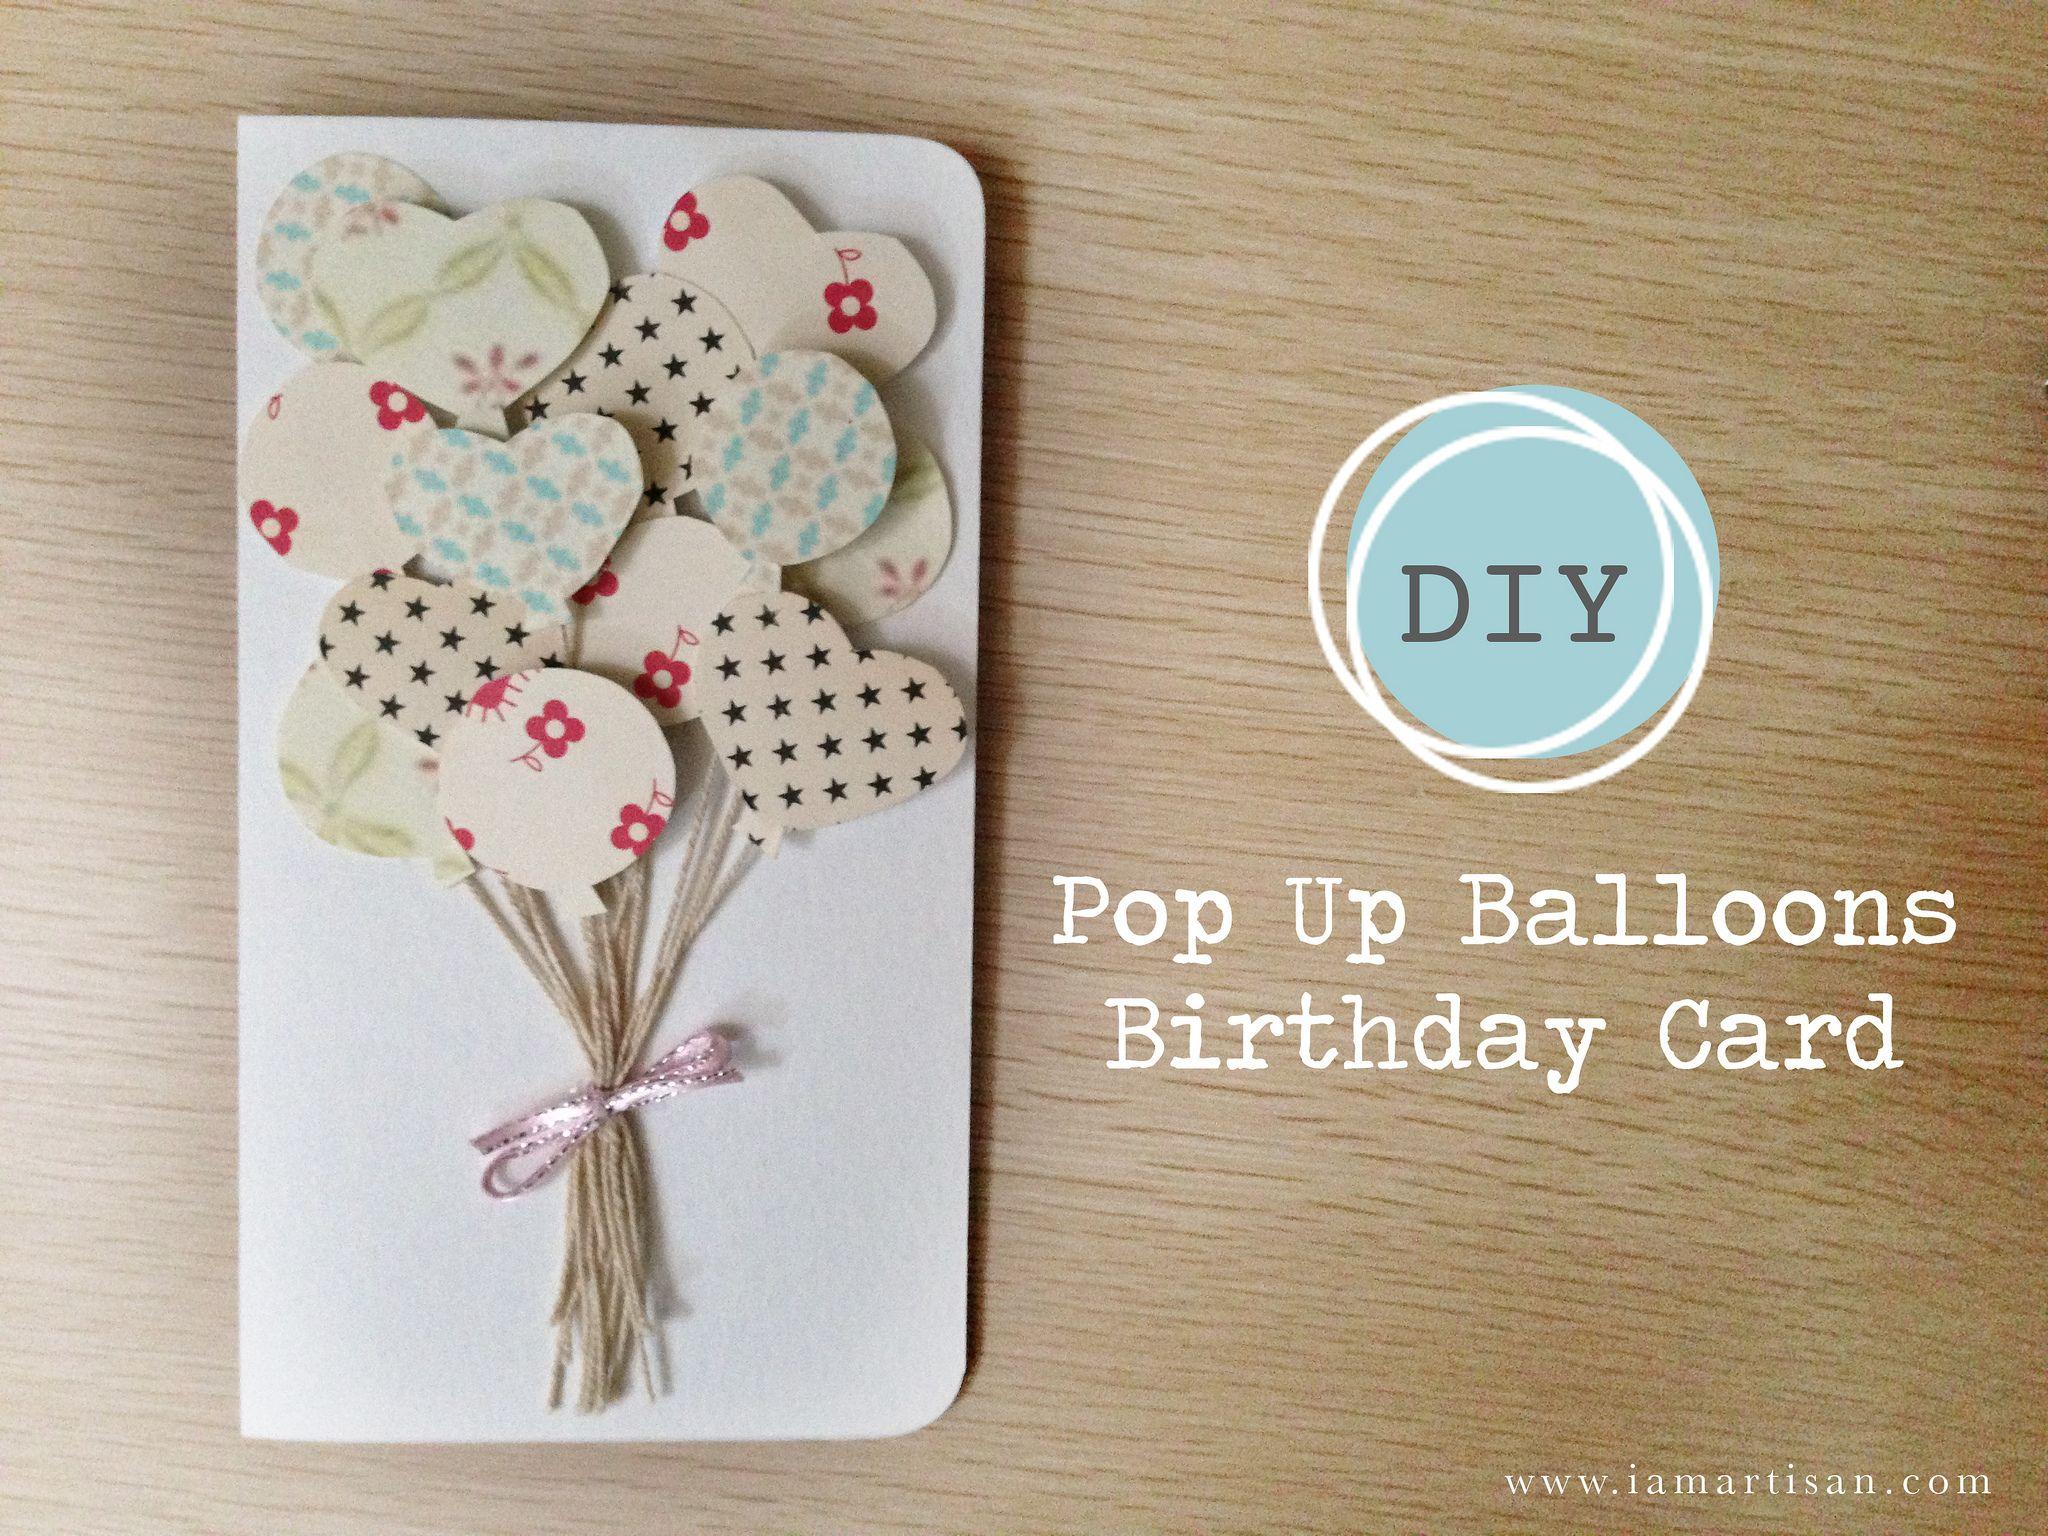 poslat přání k narozeninám Blíží se narozeniny vašeho blízkého a milovaného? Můžete mu poslat  poslat přání k narozeninám